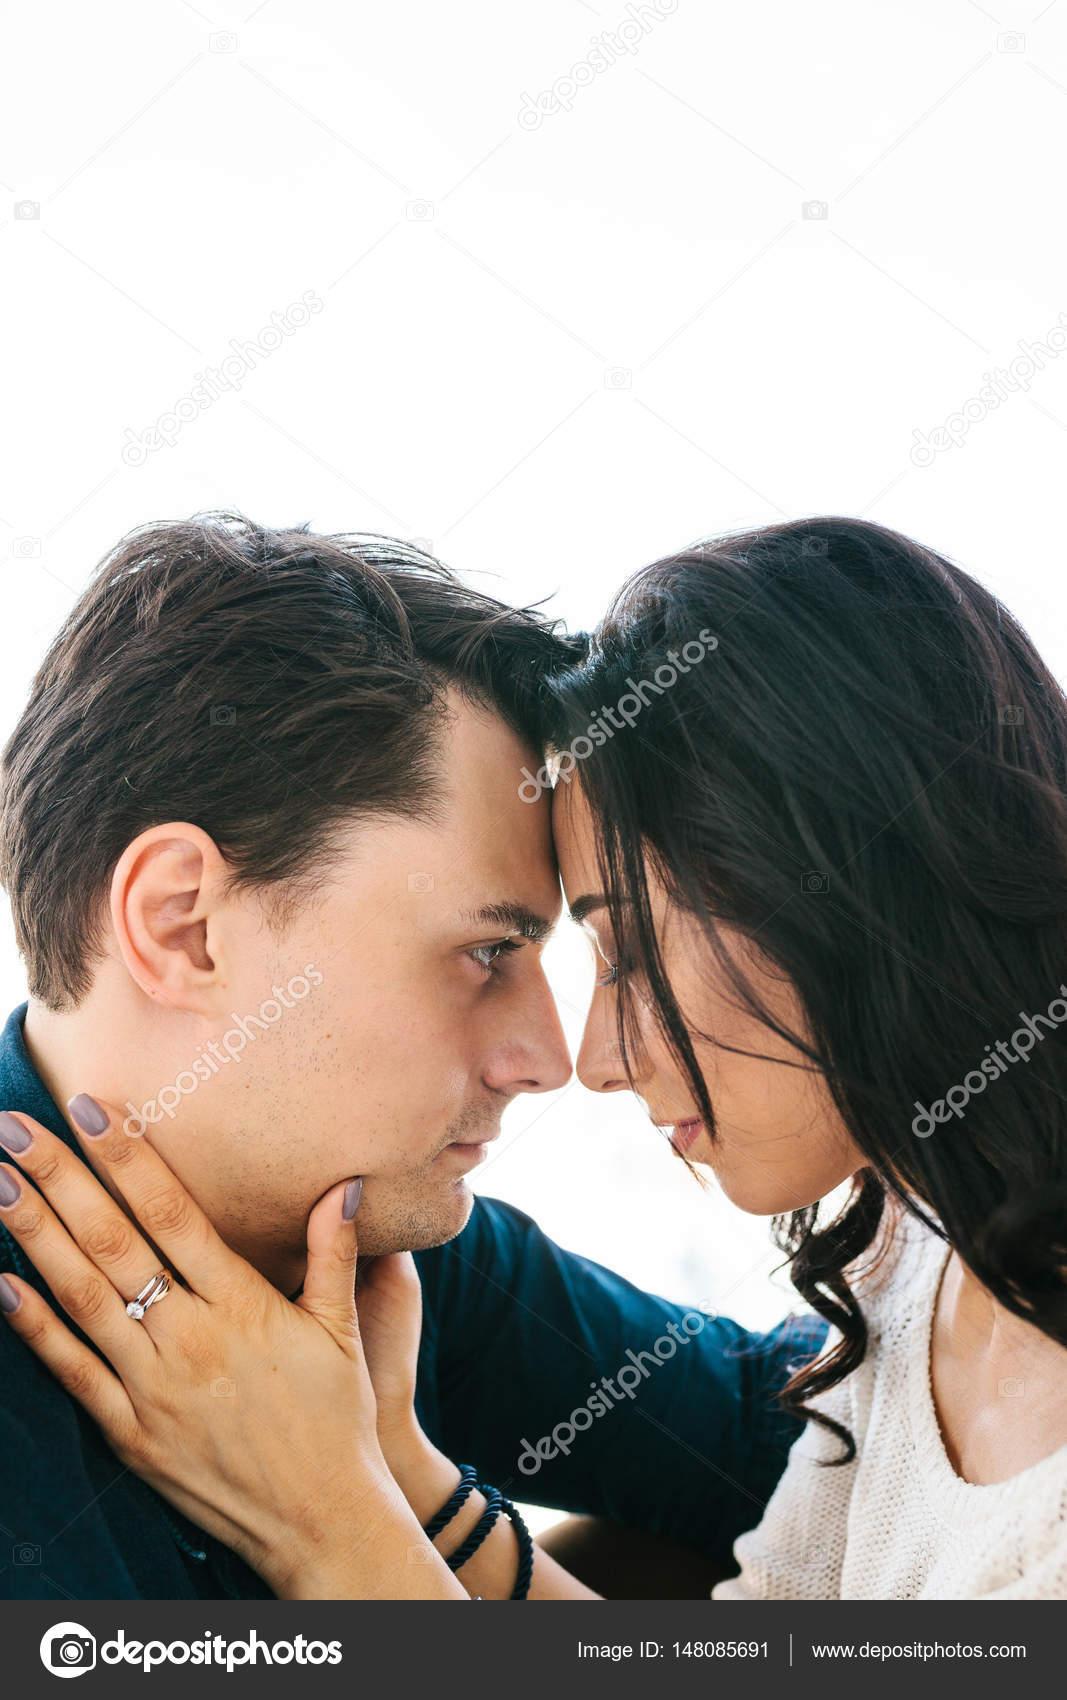 kärleks vänskap dating Vattumannen man dating cancer kvinna